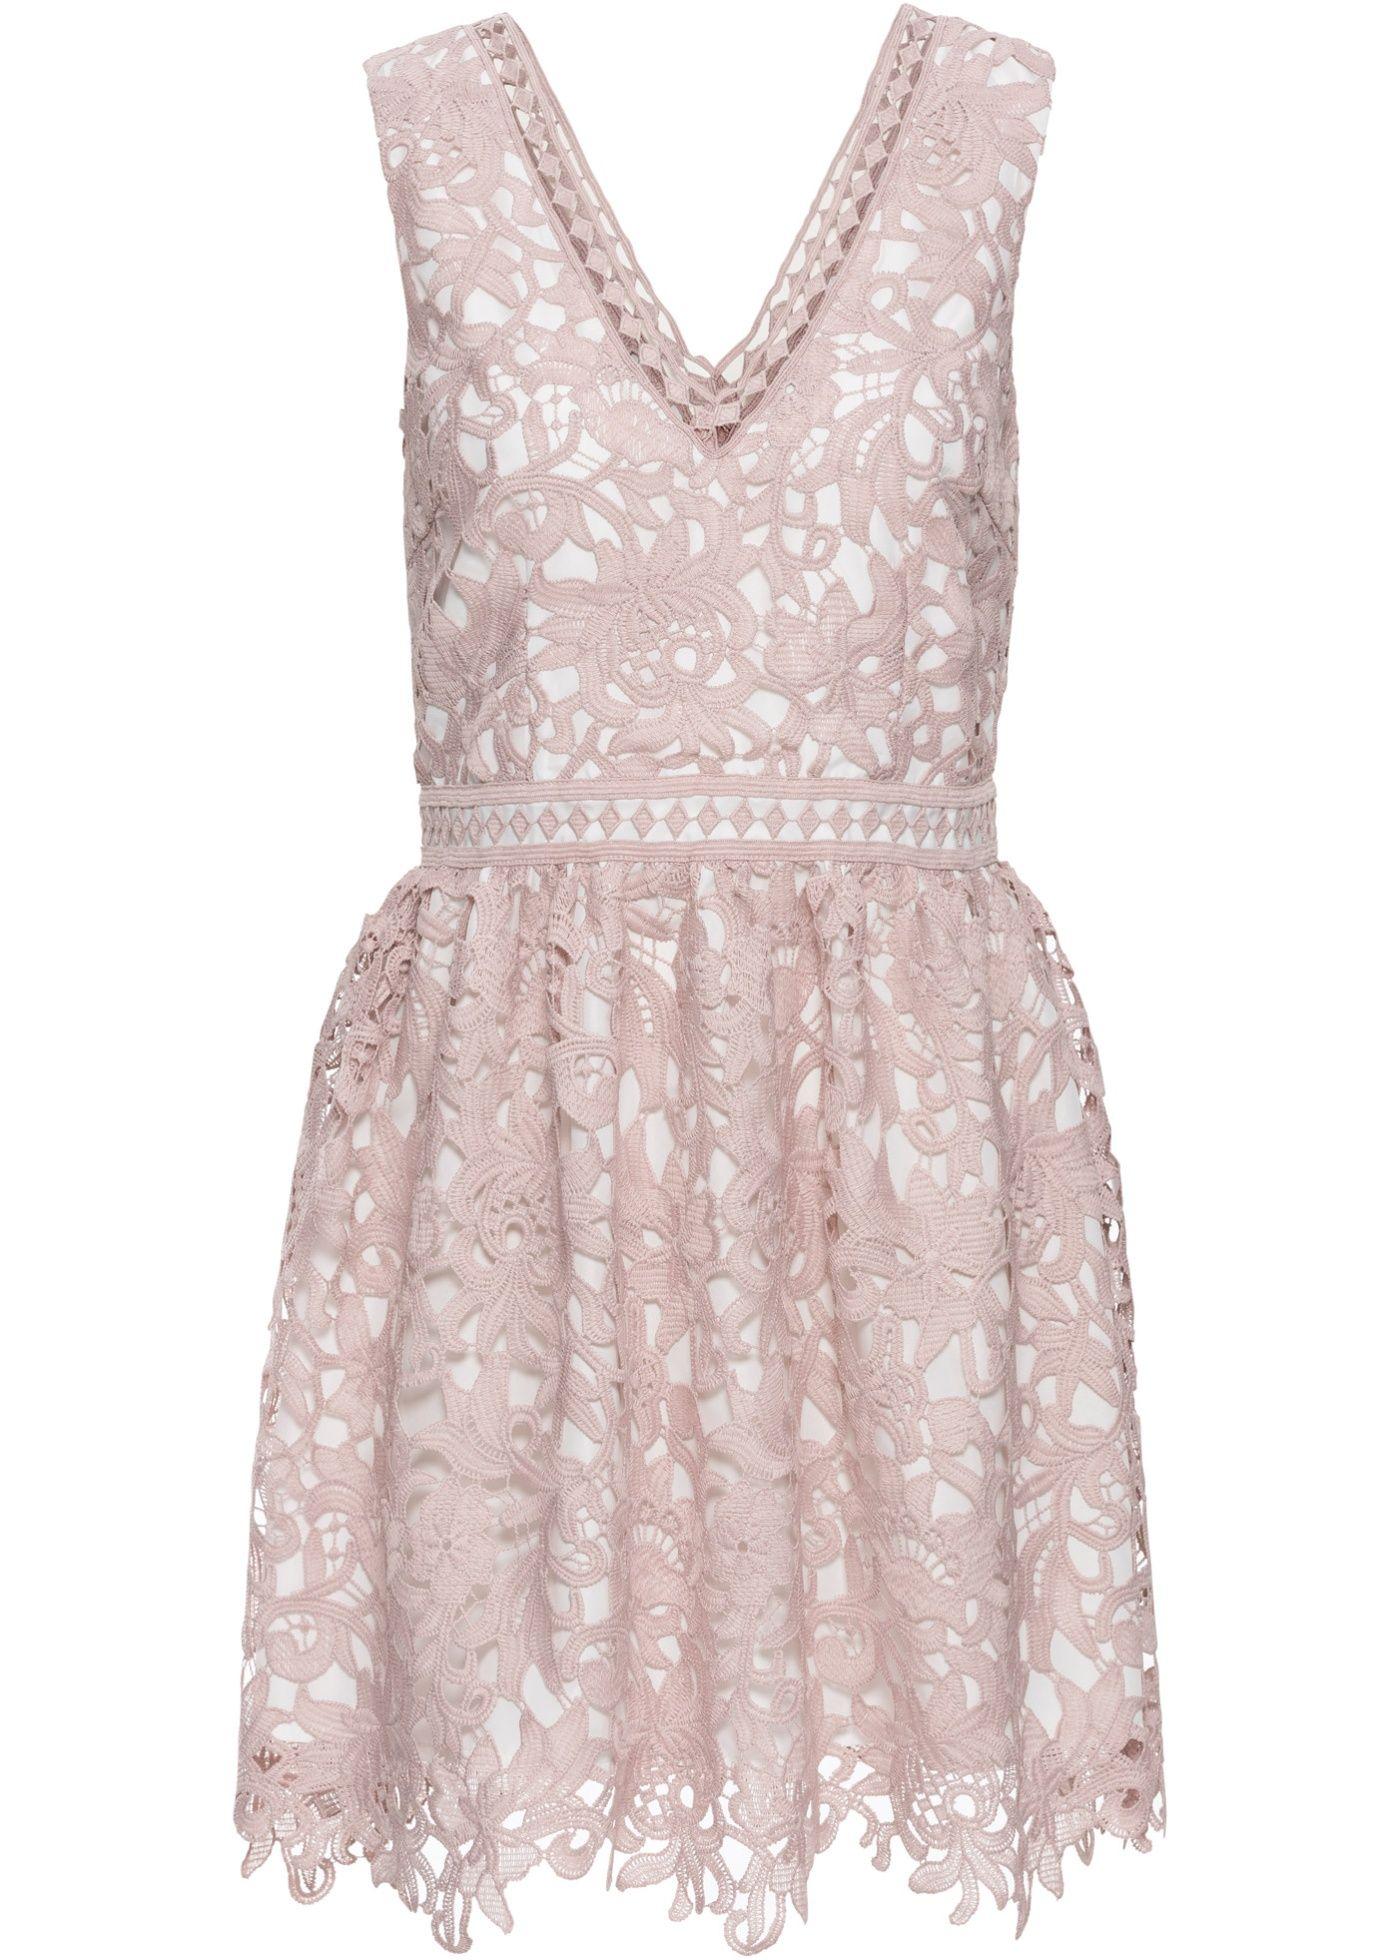 Ein absoluter Traum ist dieses feminine Kleid mit